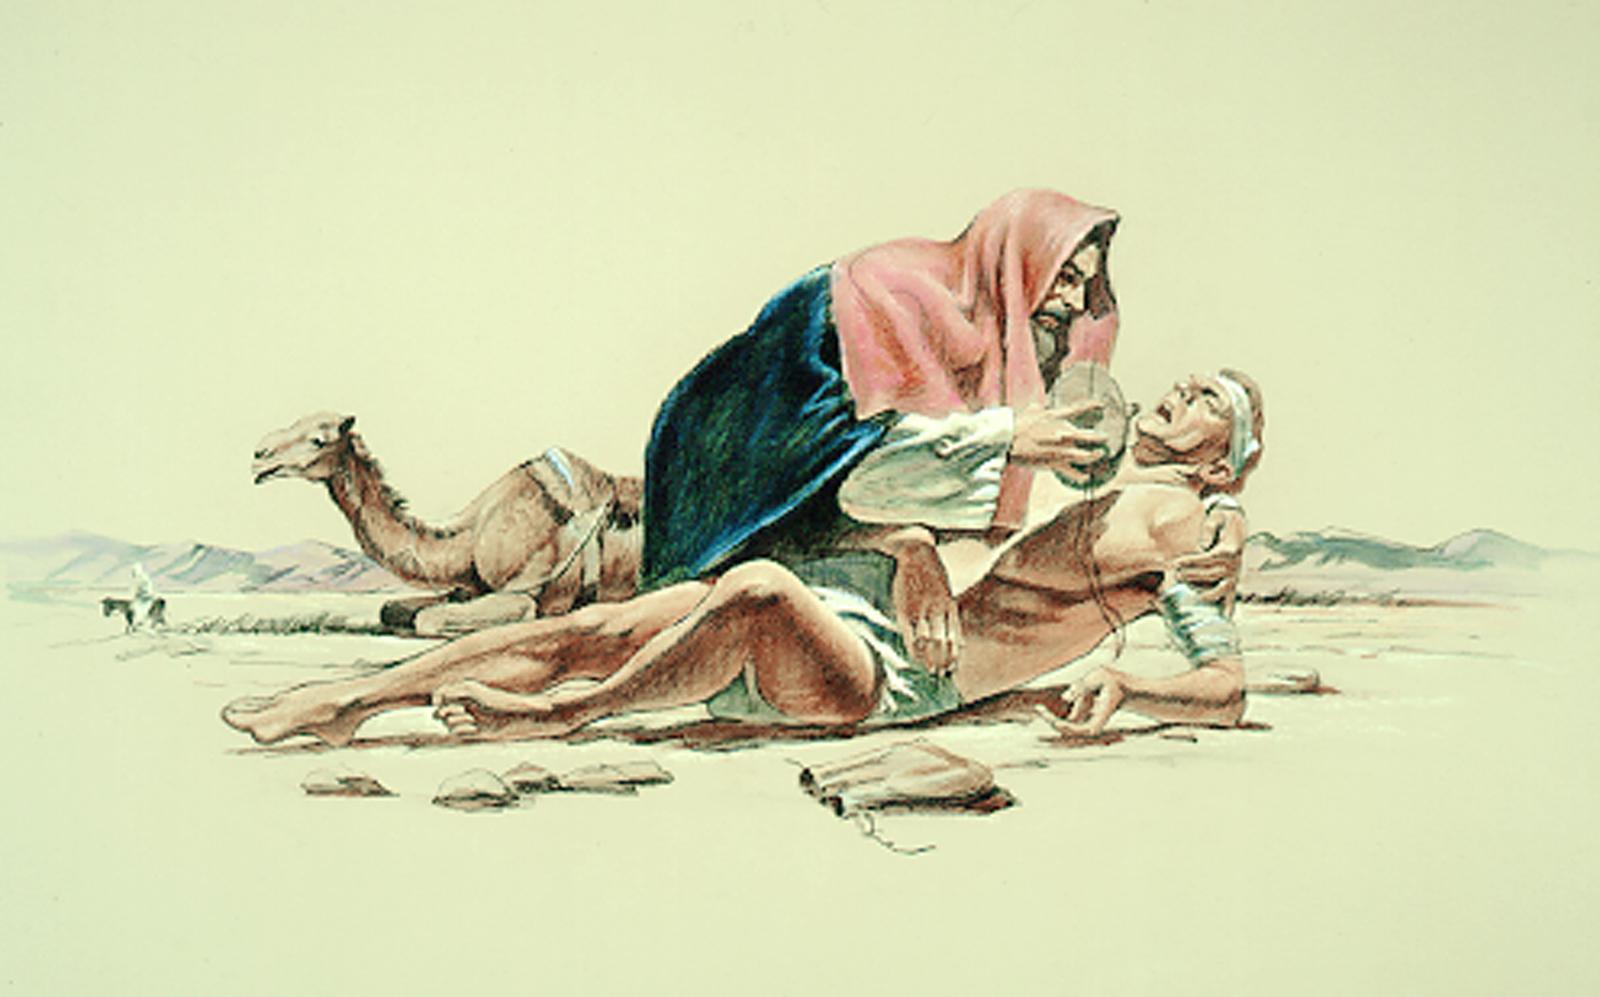 1600x997 The Good Samaritan